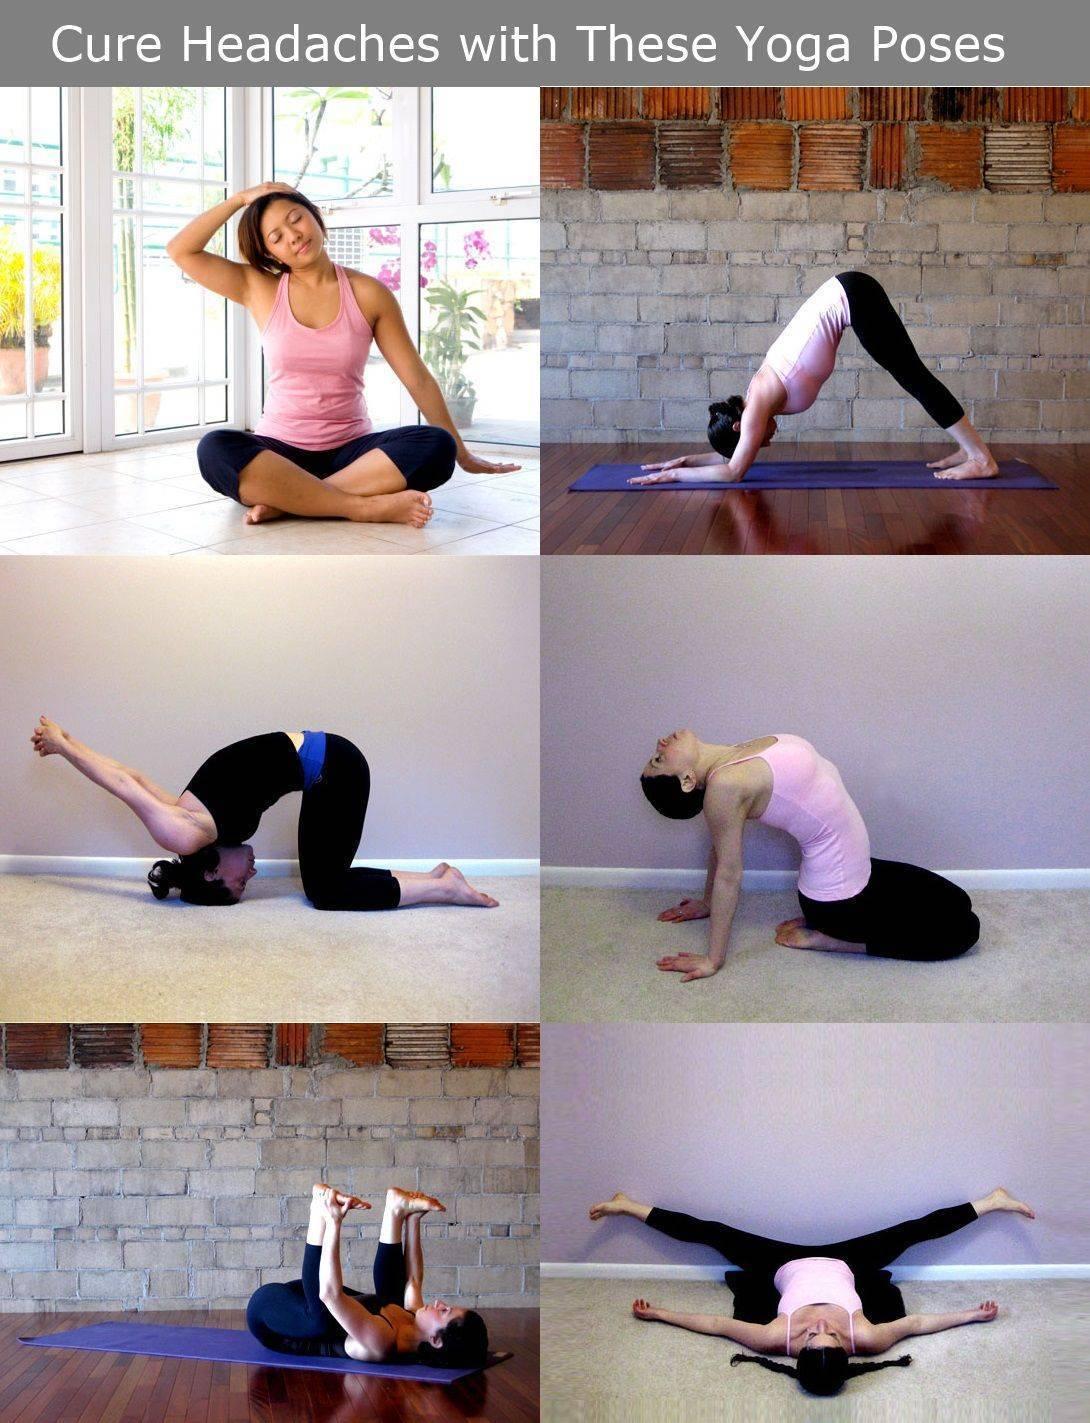 Как самостоятельно начать практиковать йогу? полезный ресурс